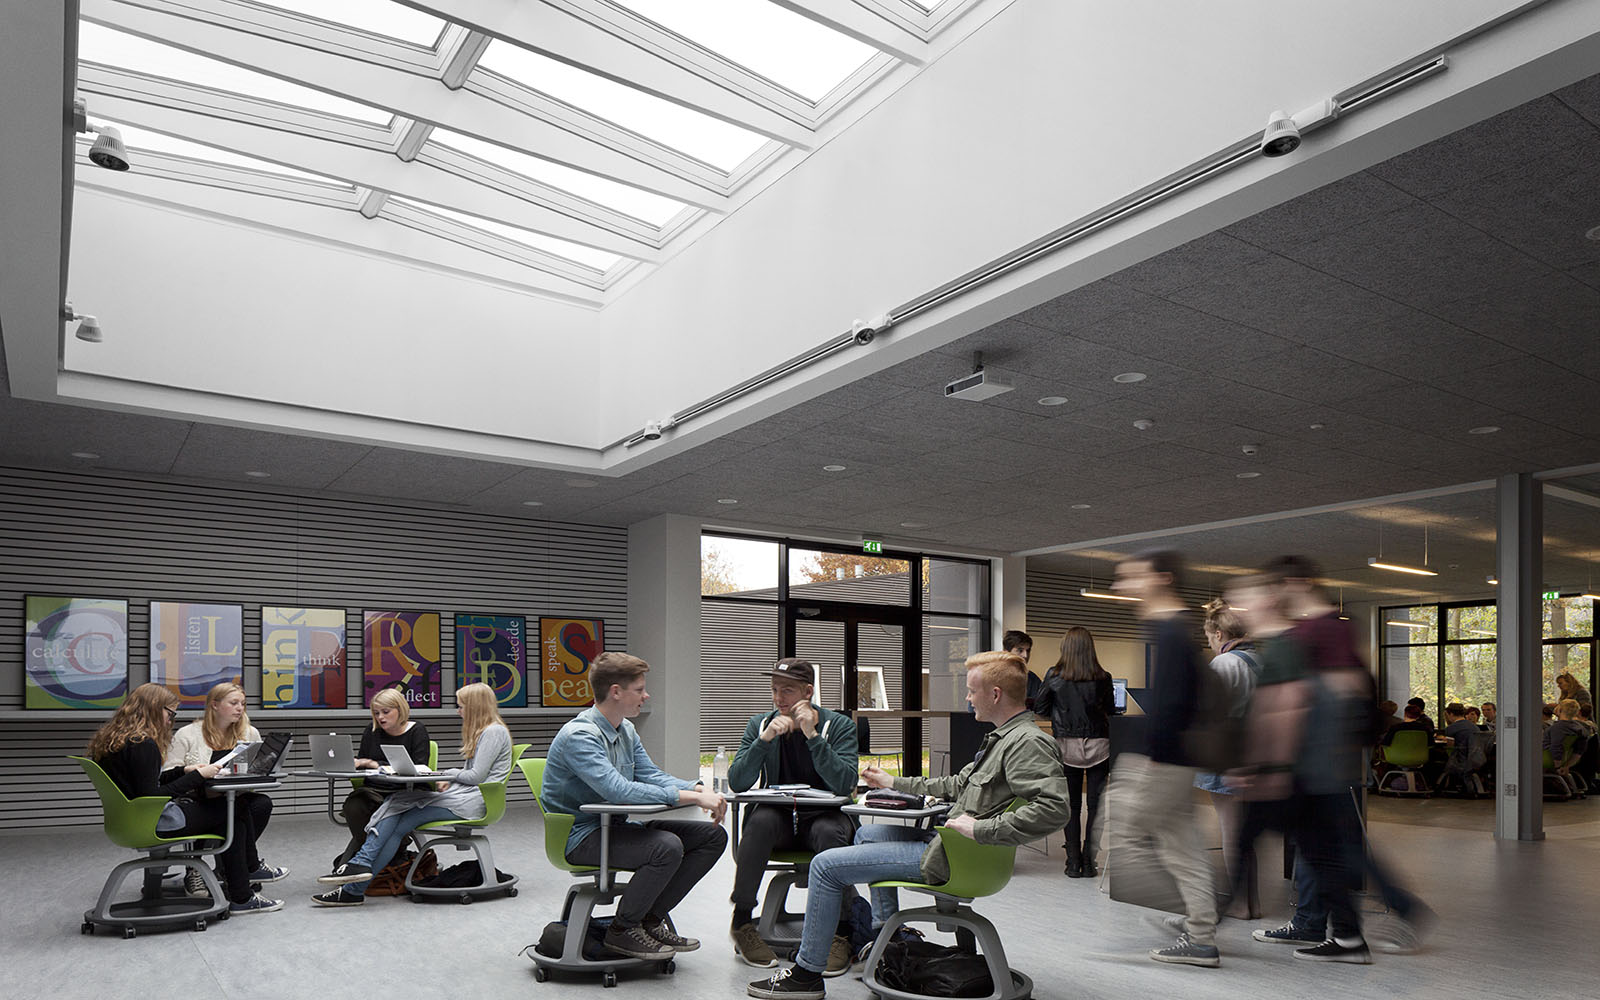 Schulgestaltung mit Tageslicht und Modular Skylights